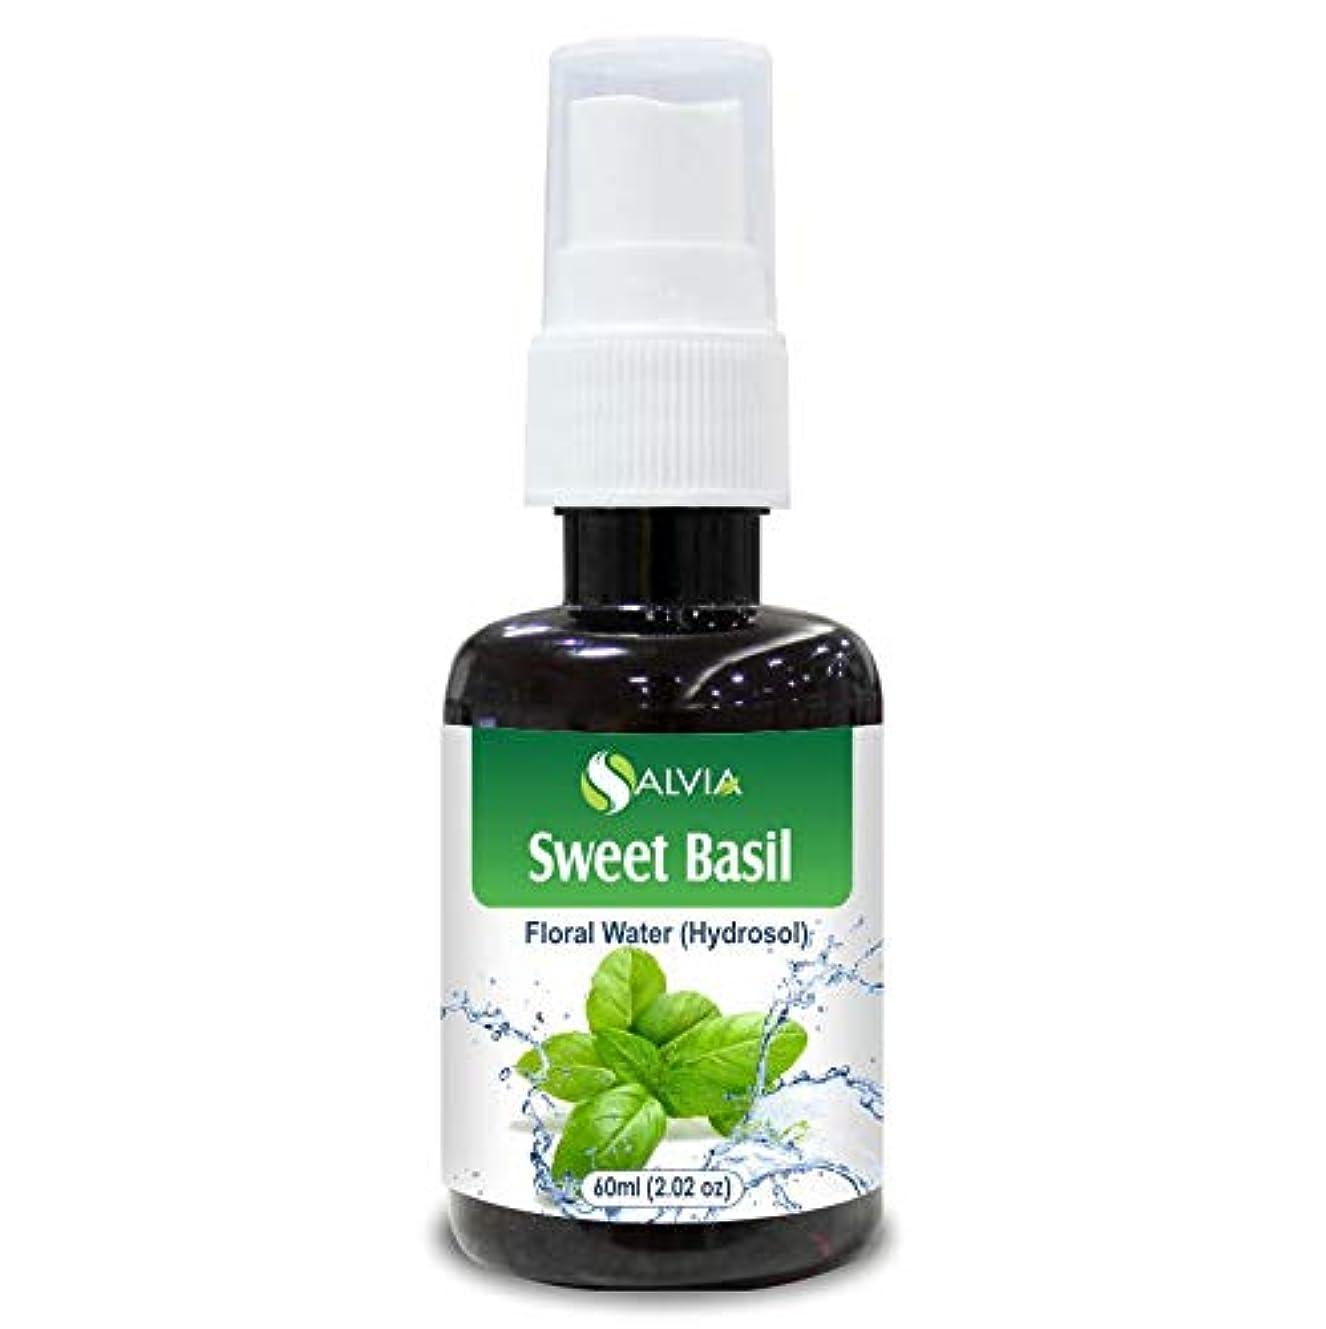 桃クラフト回路Sweet Basil Floral Water 60ml (Hydrosol) 100% Pure And Natural